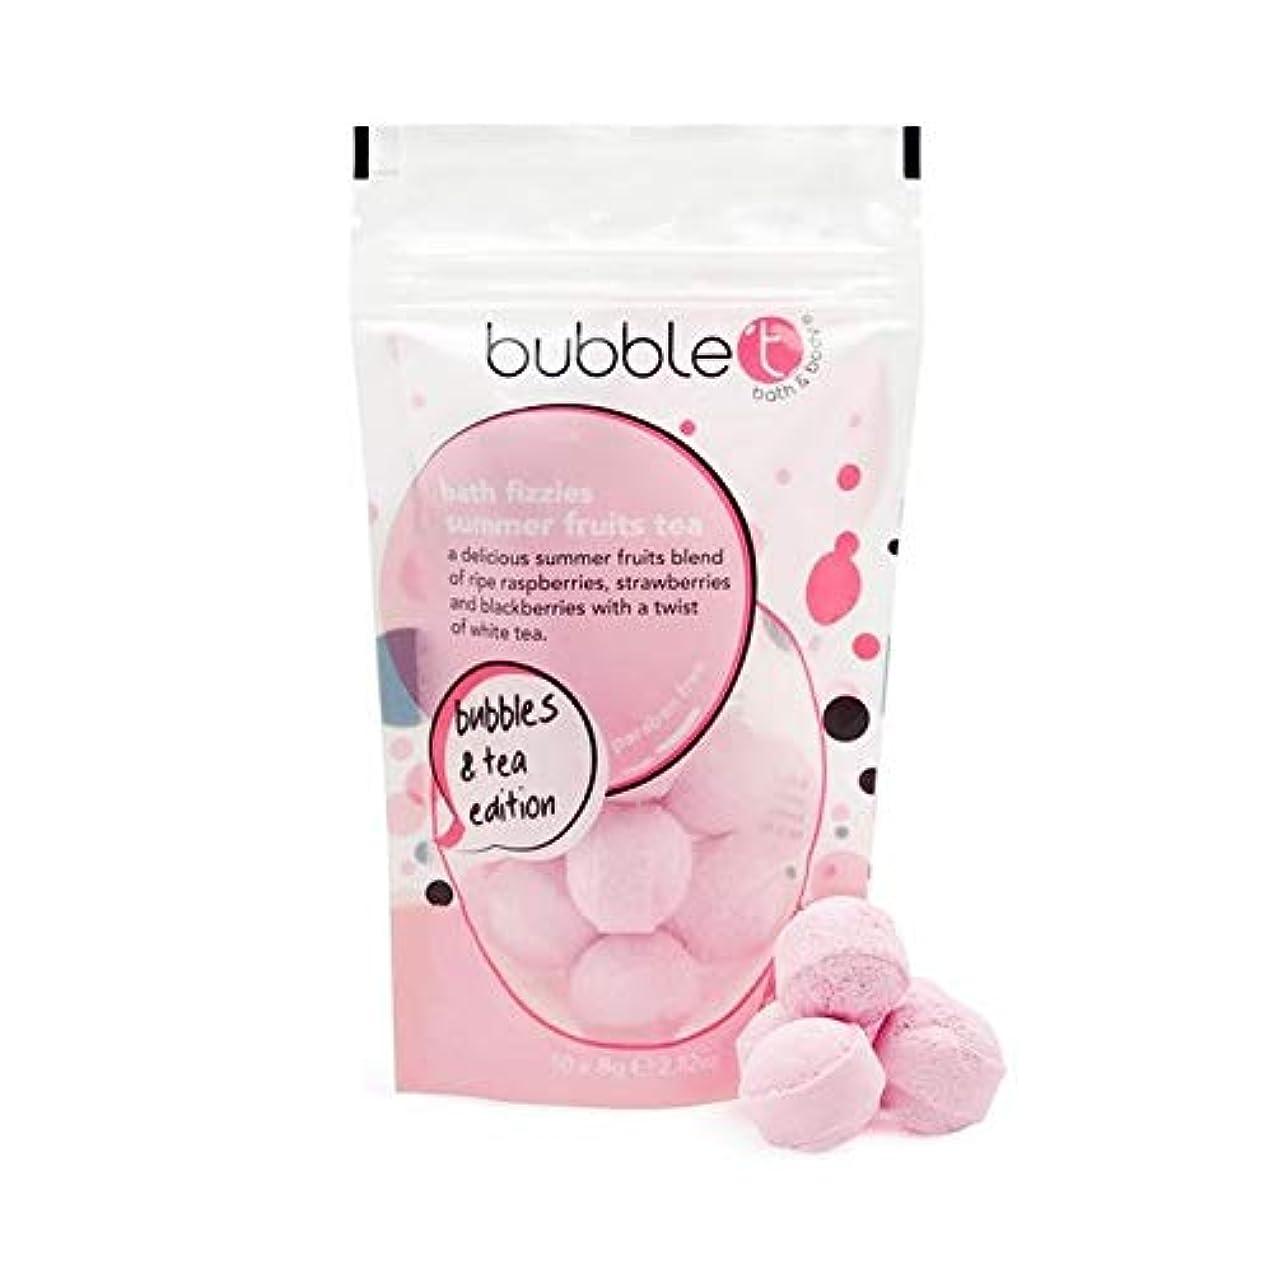 セントサンダース小説[Bubble T ] バブルトンの夏の果物風呂爆弾Fizzersの5グラム - Bubble T Summer Fruits Bath Bomb Fizzers 5g [並行輸入品]